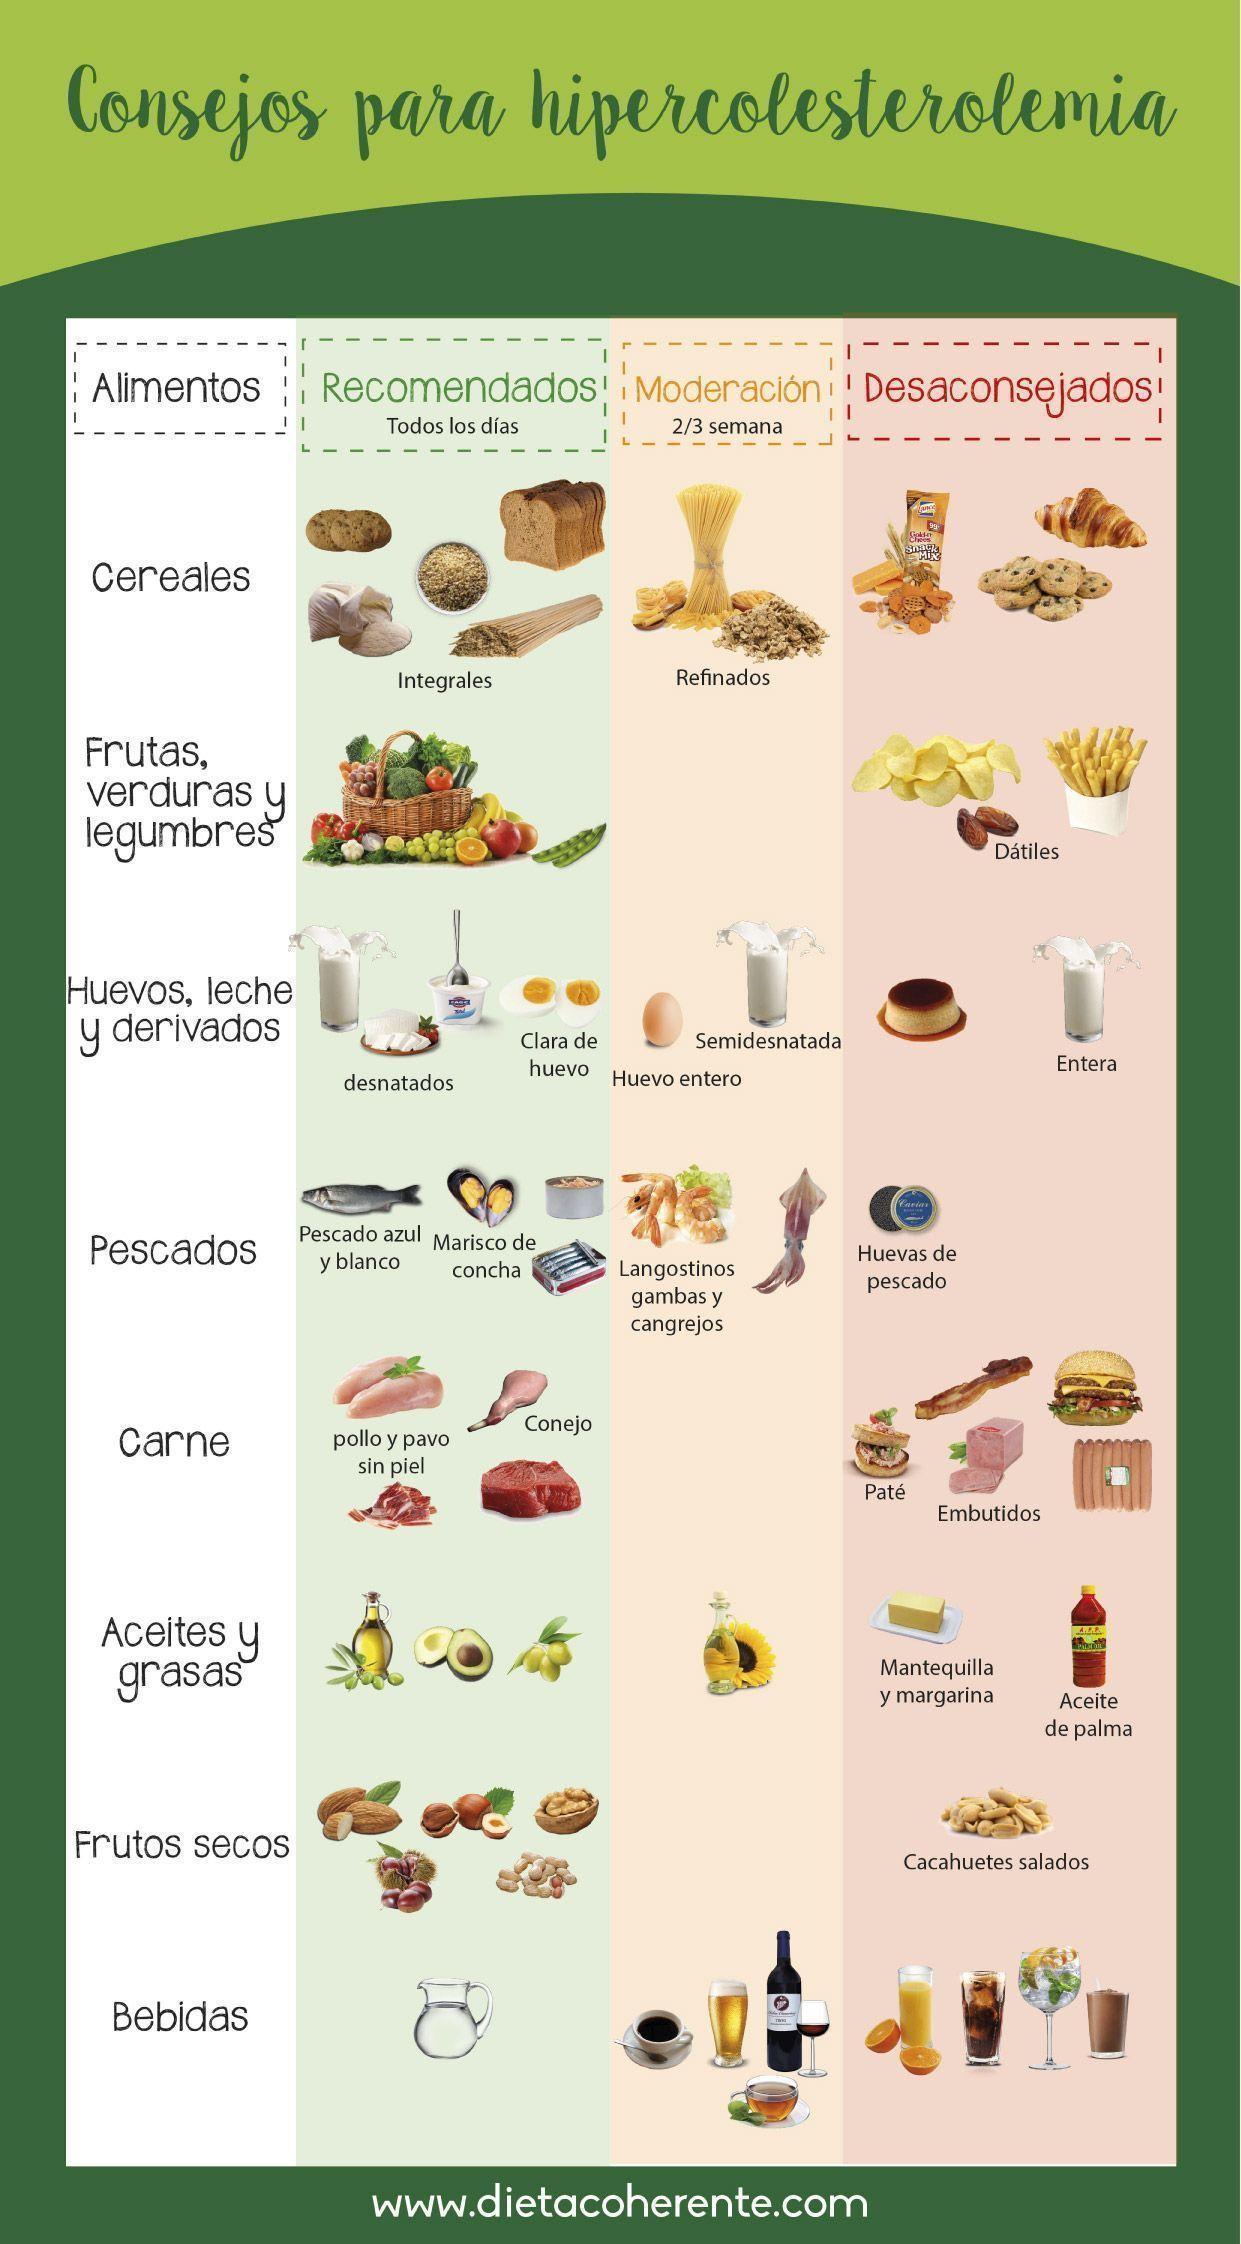 Dieta Para Colesterol Y Triglicéridos Altos Dieta Para El Colesterol Colesterol Y Trigliceridos Dieta Para Trigliceridos